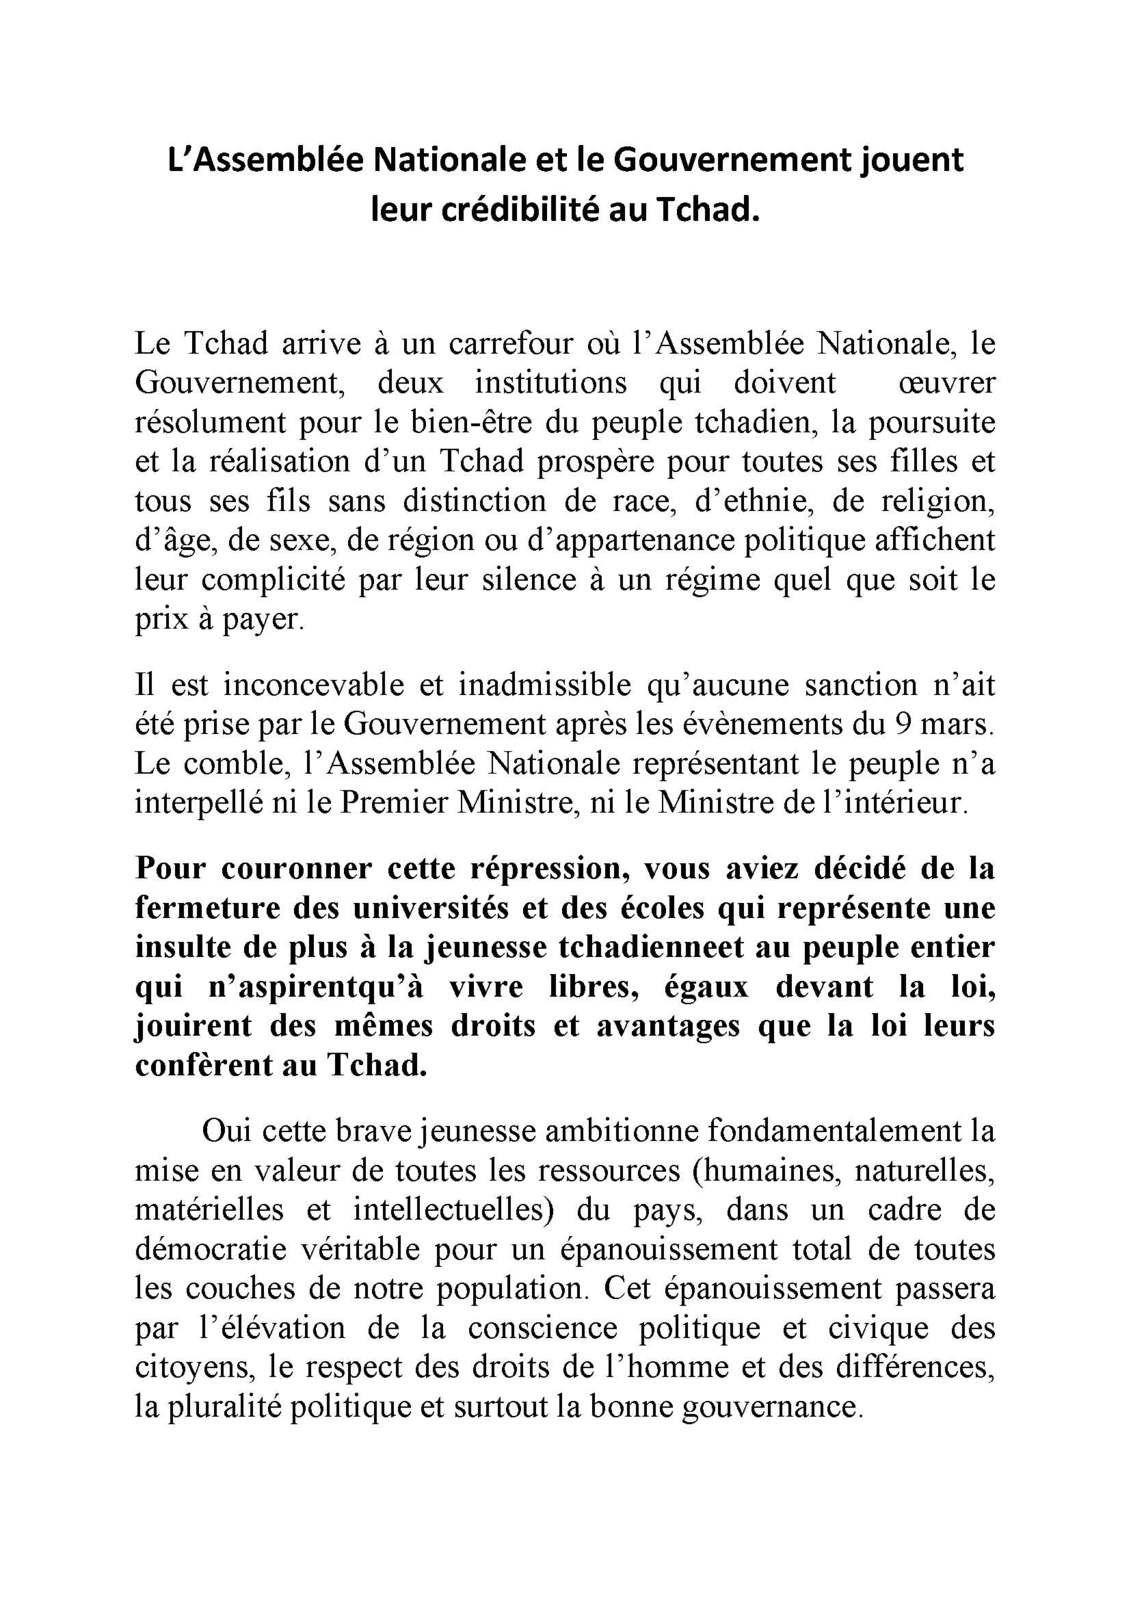 L'Assemblée Nationale et le Gouvernement jouent leur crédibilité au Tchad